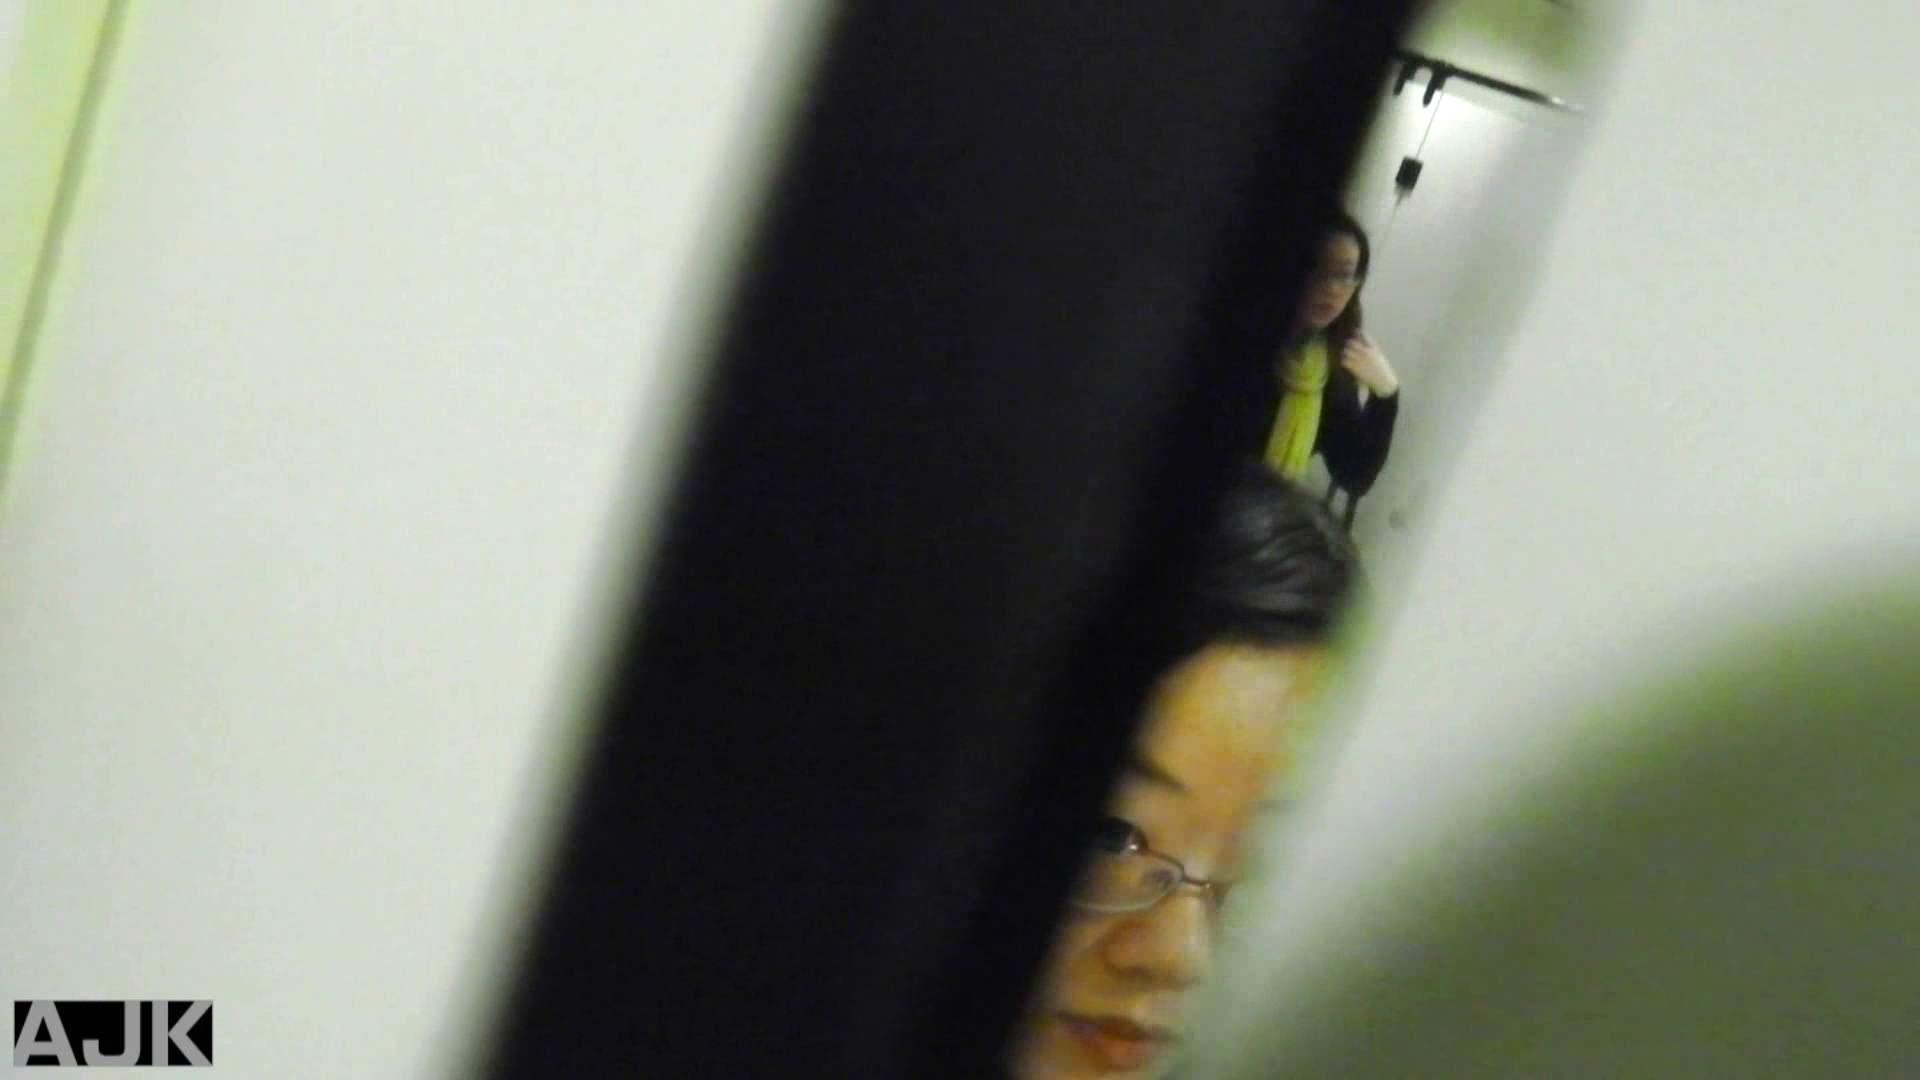 神降臨!史上最強の潜入かわや! vol.16 モロだしオマンコ すけべAV動画紹介 106pic 54